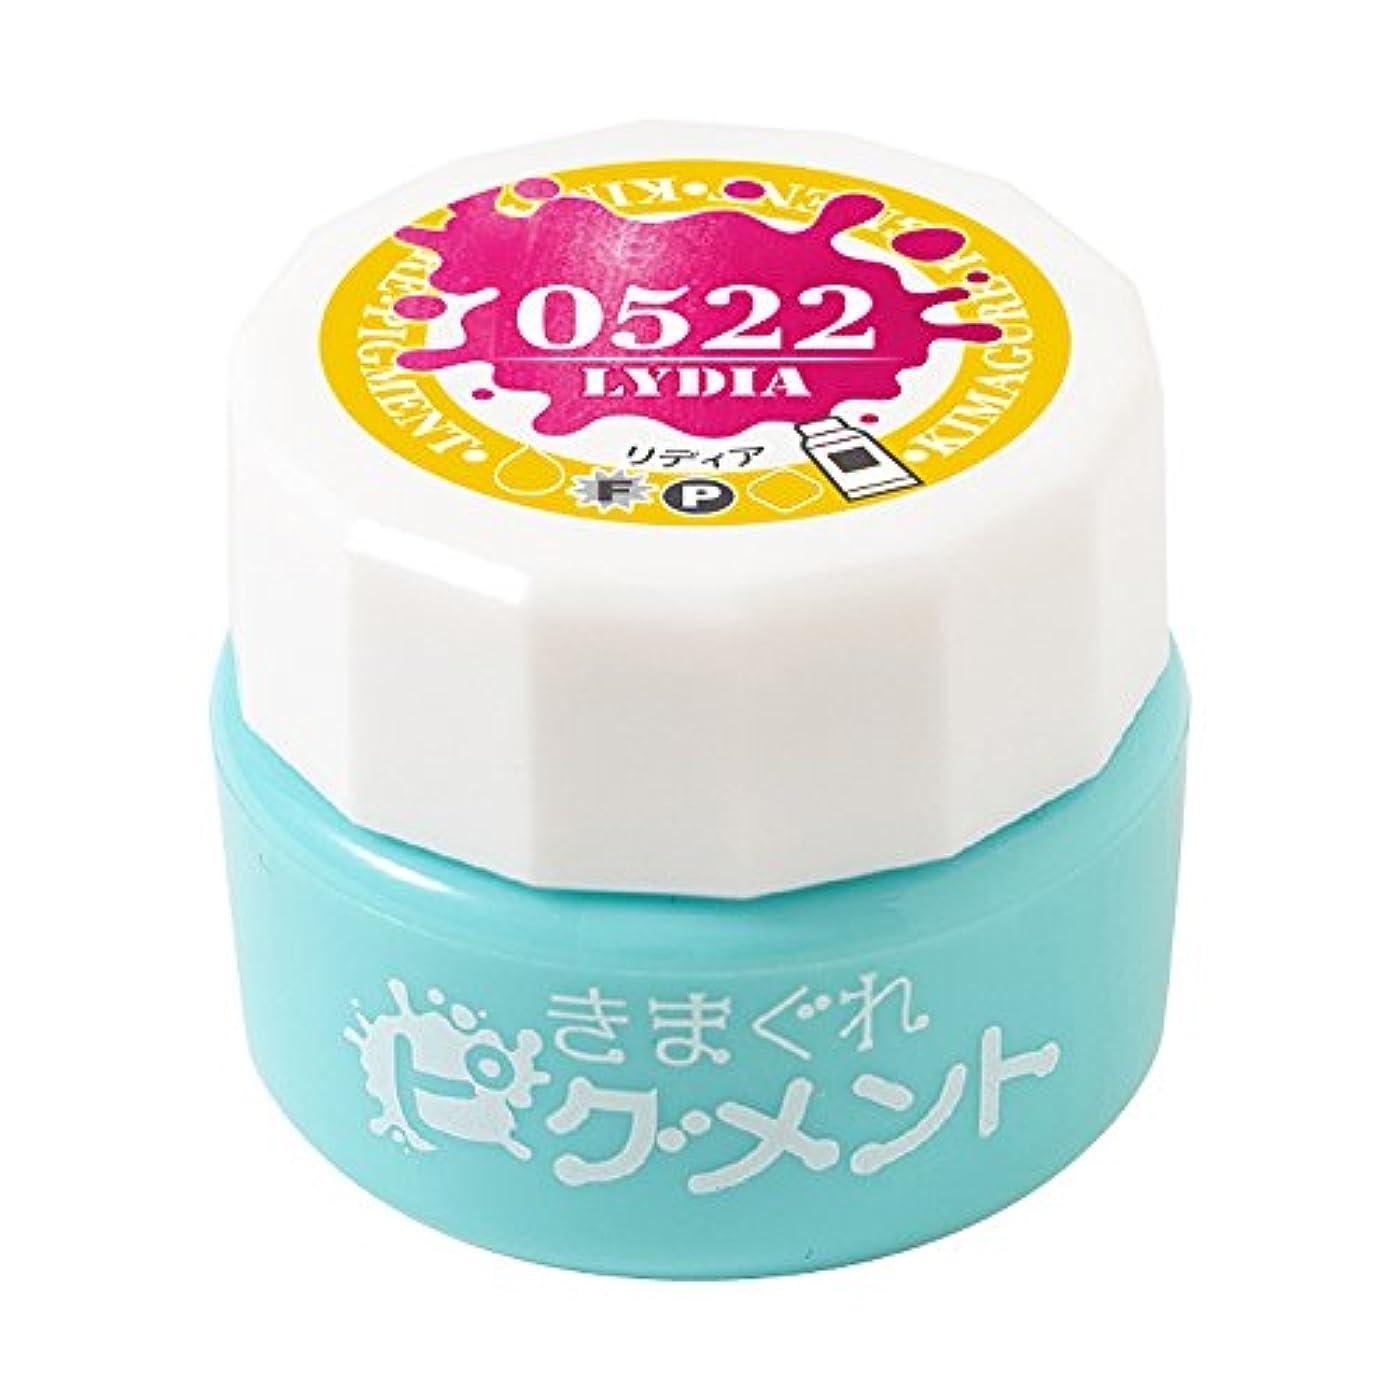 ポーズ健康的消毒するBettygel きまぐれピグメント リディア QYJ-0522 4g UV/LED対応